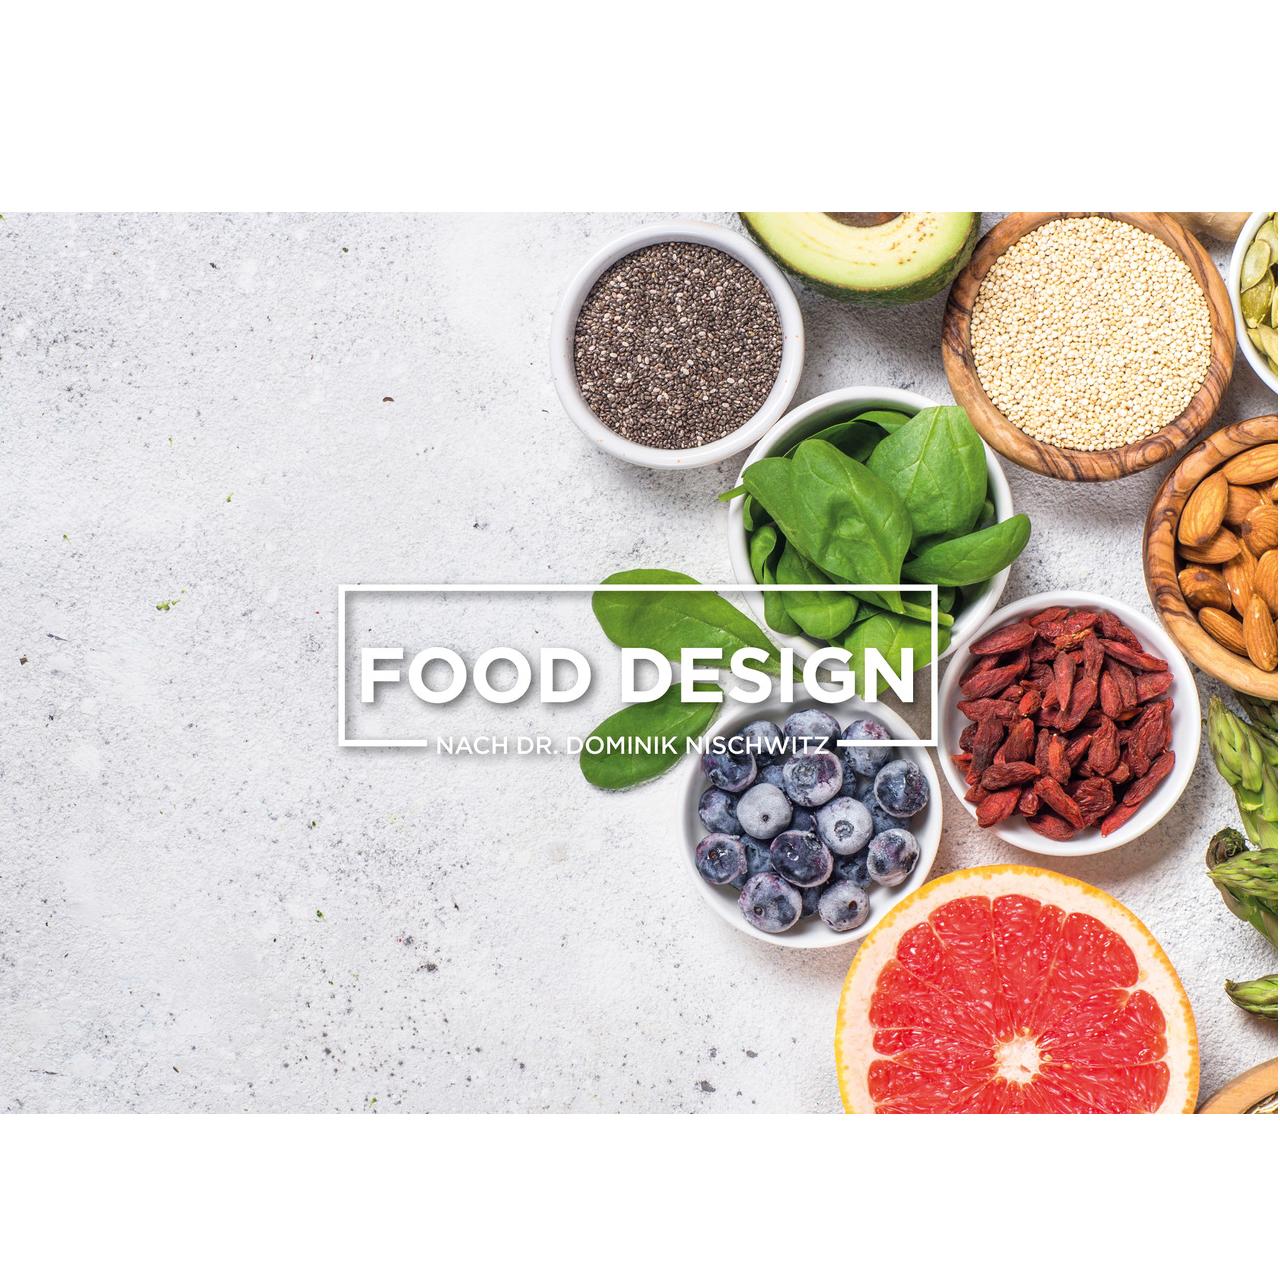 Ernährungsdesign 2.0 PDF Download (Dr. Nischwitz) Kundenkonto erforderlich